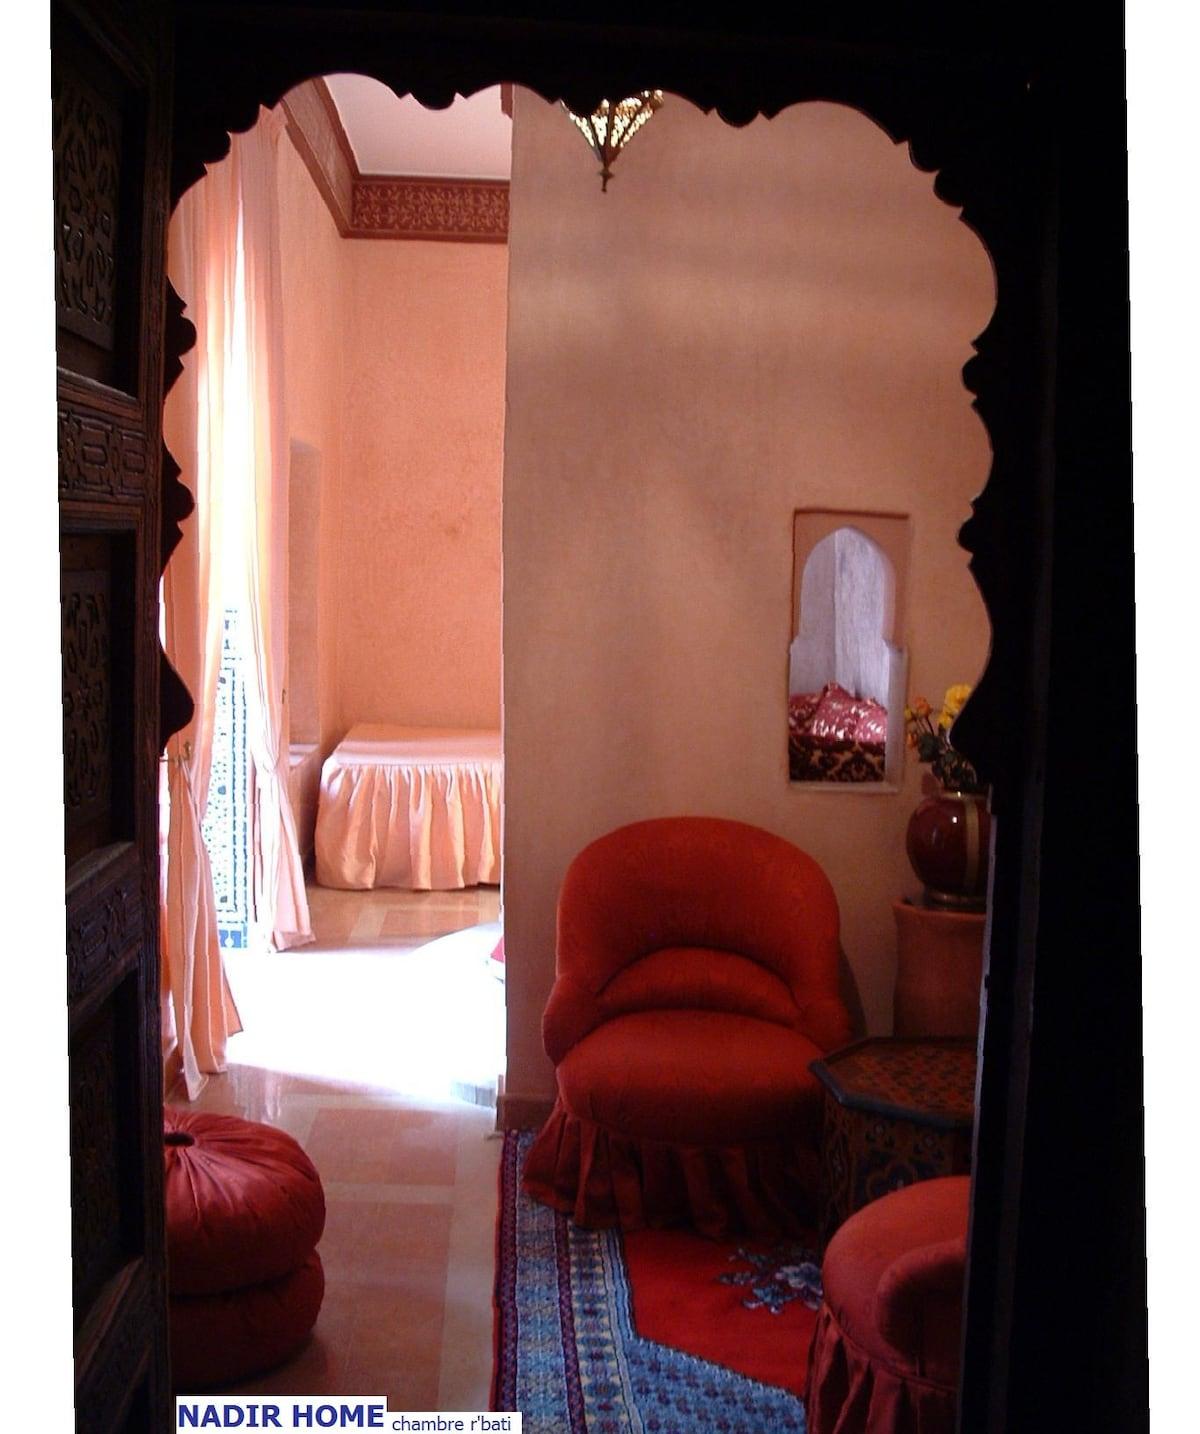 """Pour un couple, la chambre """"r'bati"""" (1 lit double, 1 canapé, petit salon, salle de bain avec baignoire, cheminée)"""